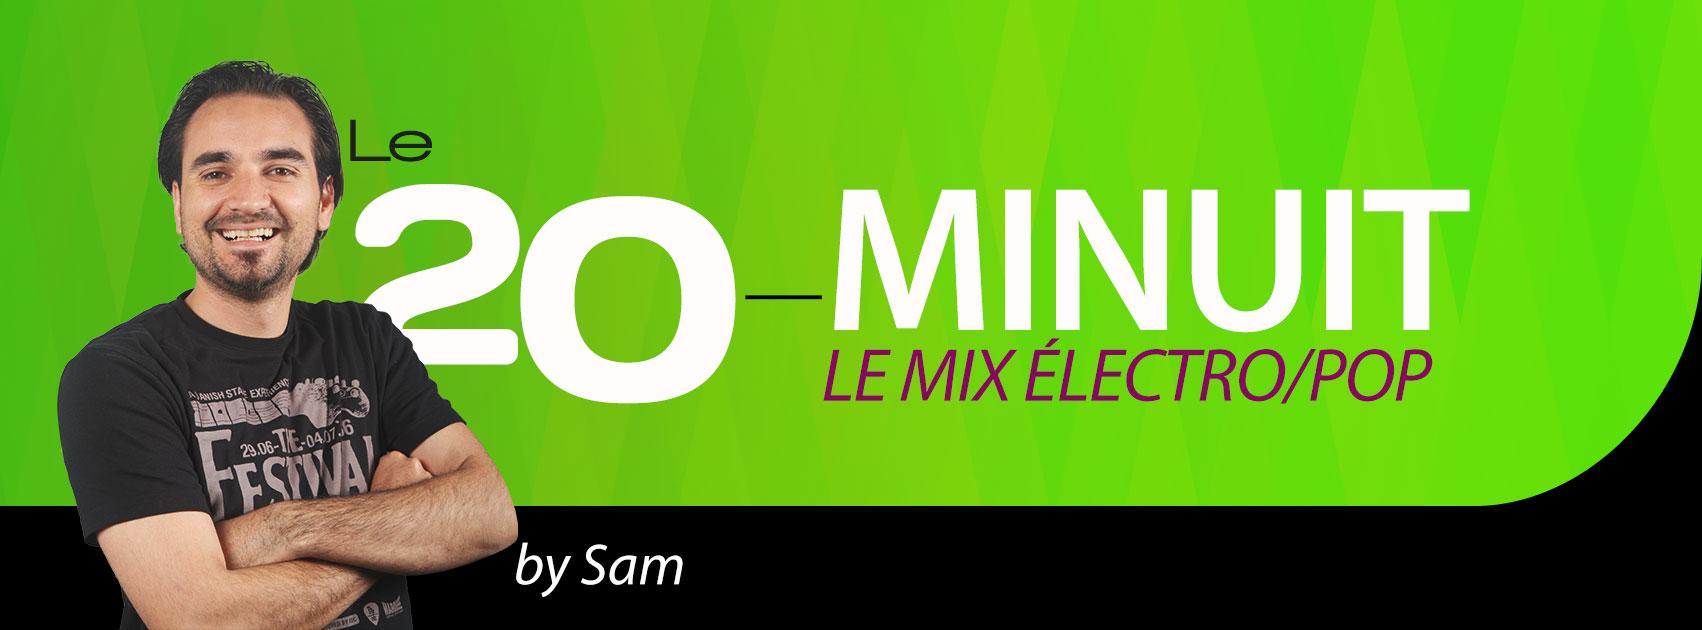 Le 20-minuit Mix ElectroPop by Sam